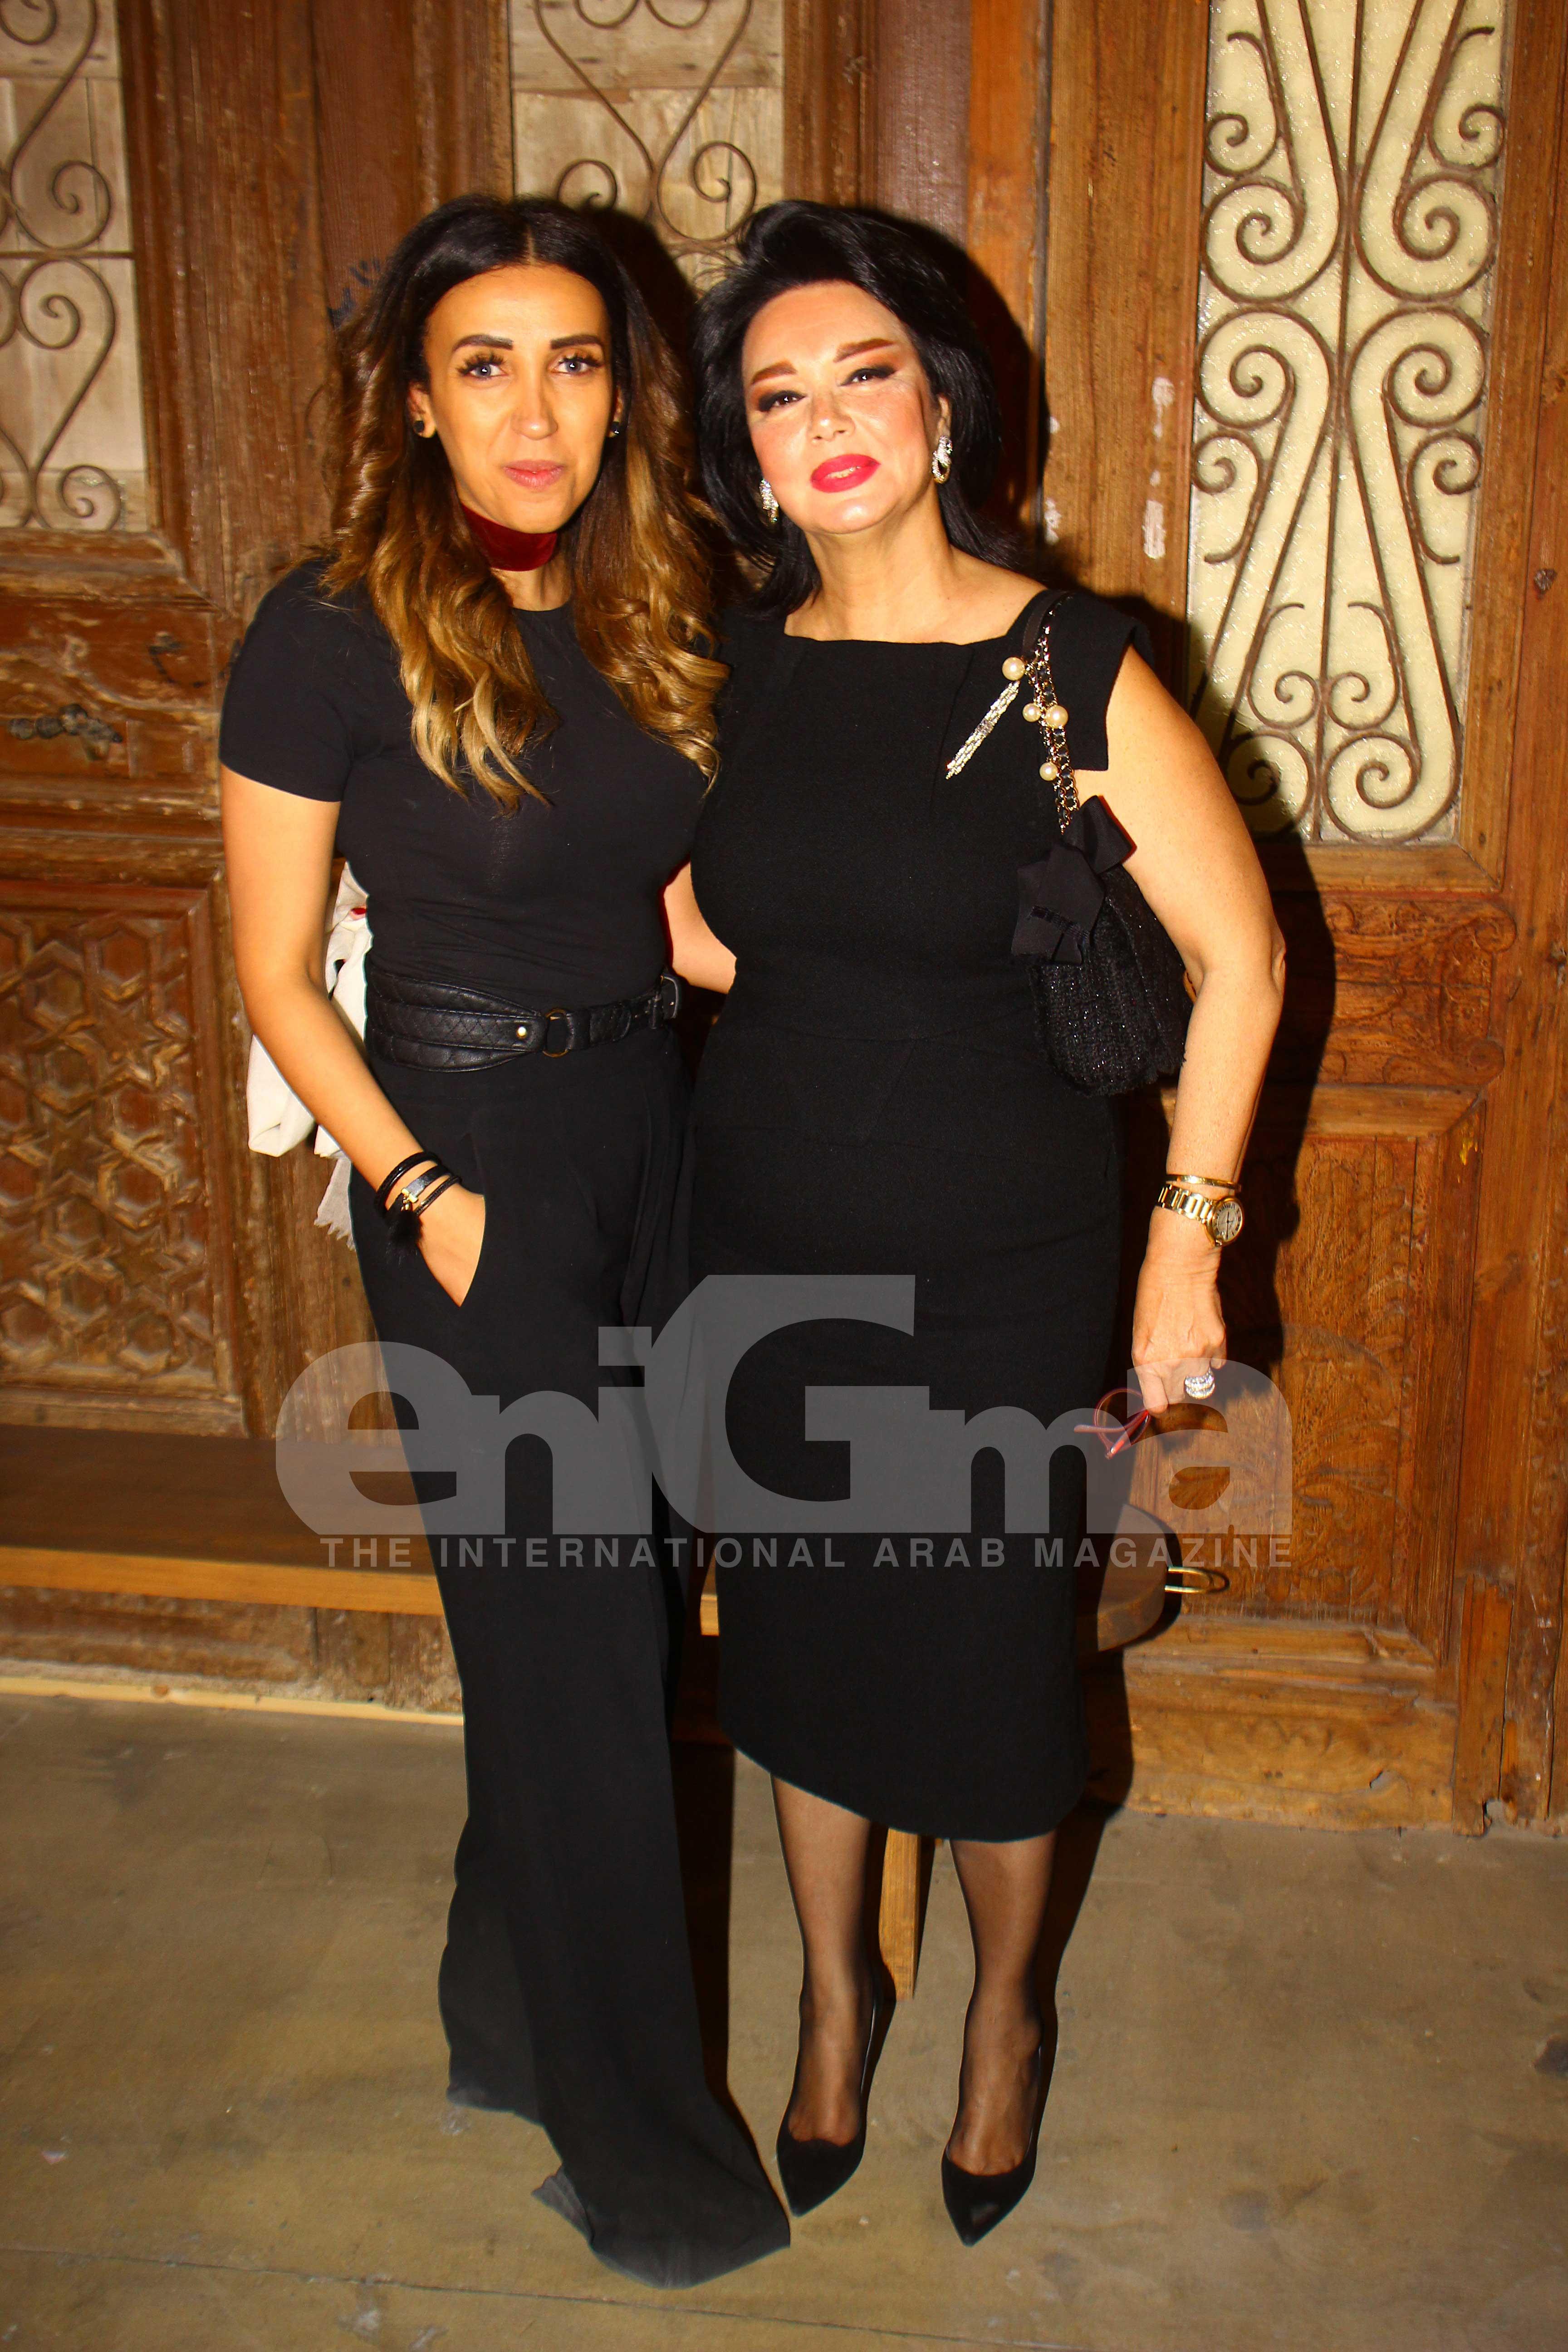 Ms. Ekram Abed & Ms. Eman Saeed